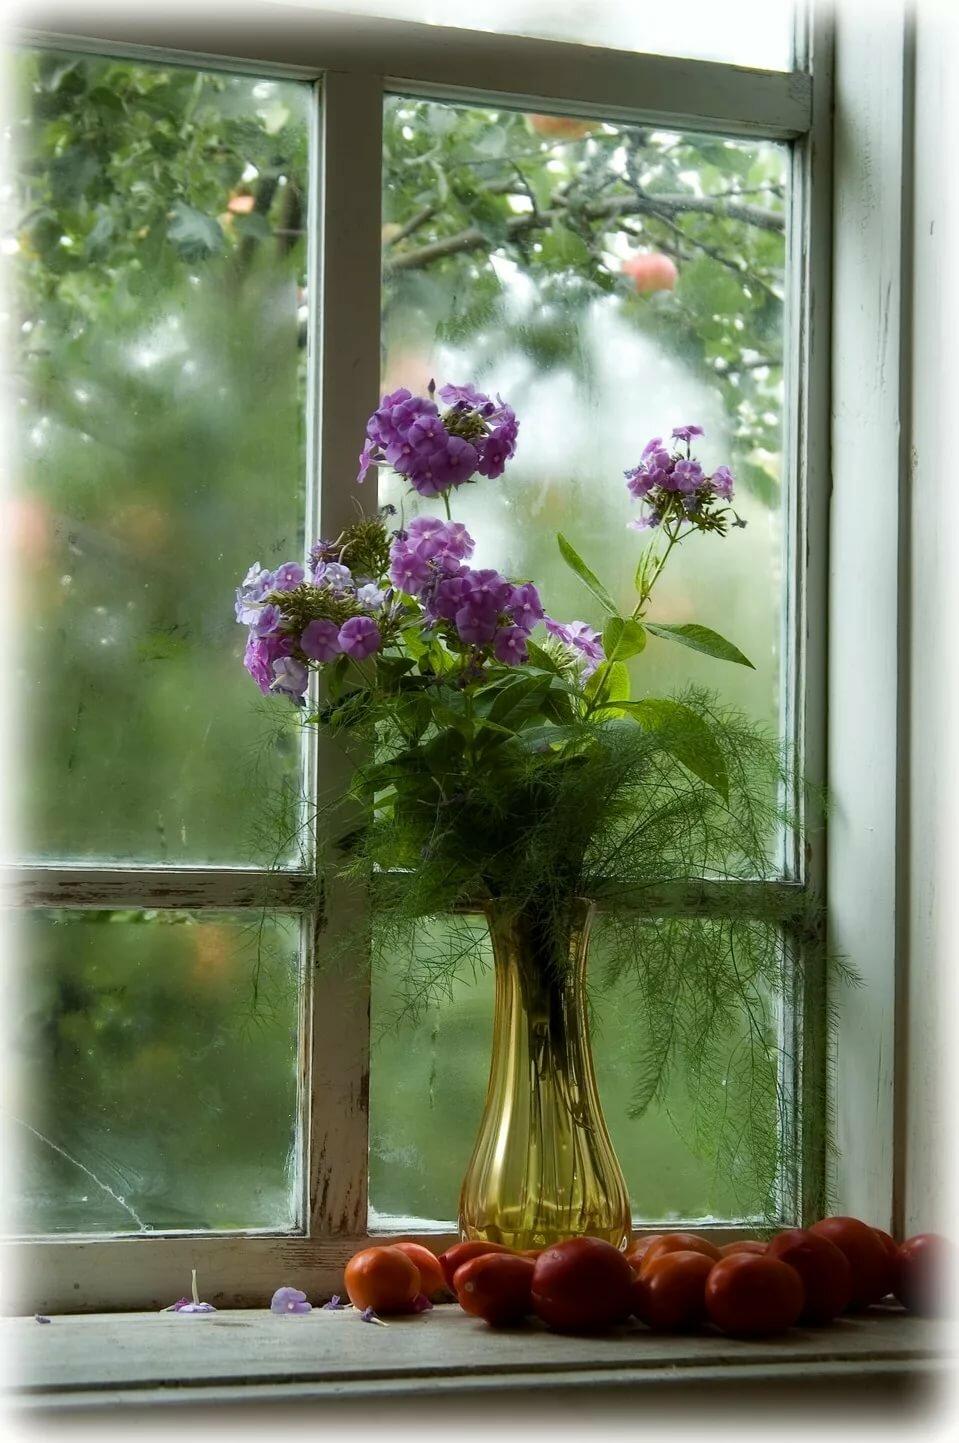 красивые картинки окно с цветами албании русском